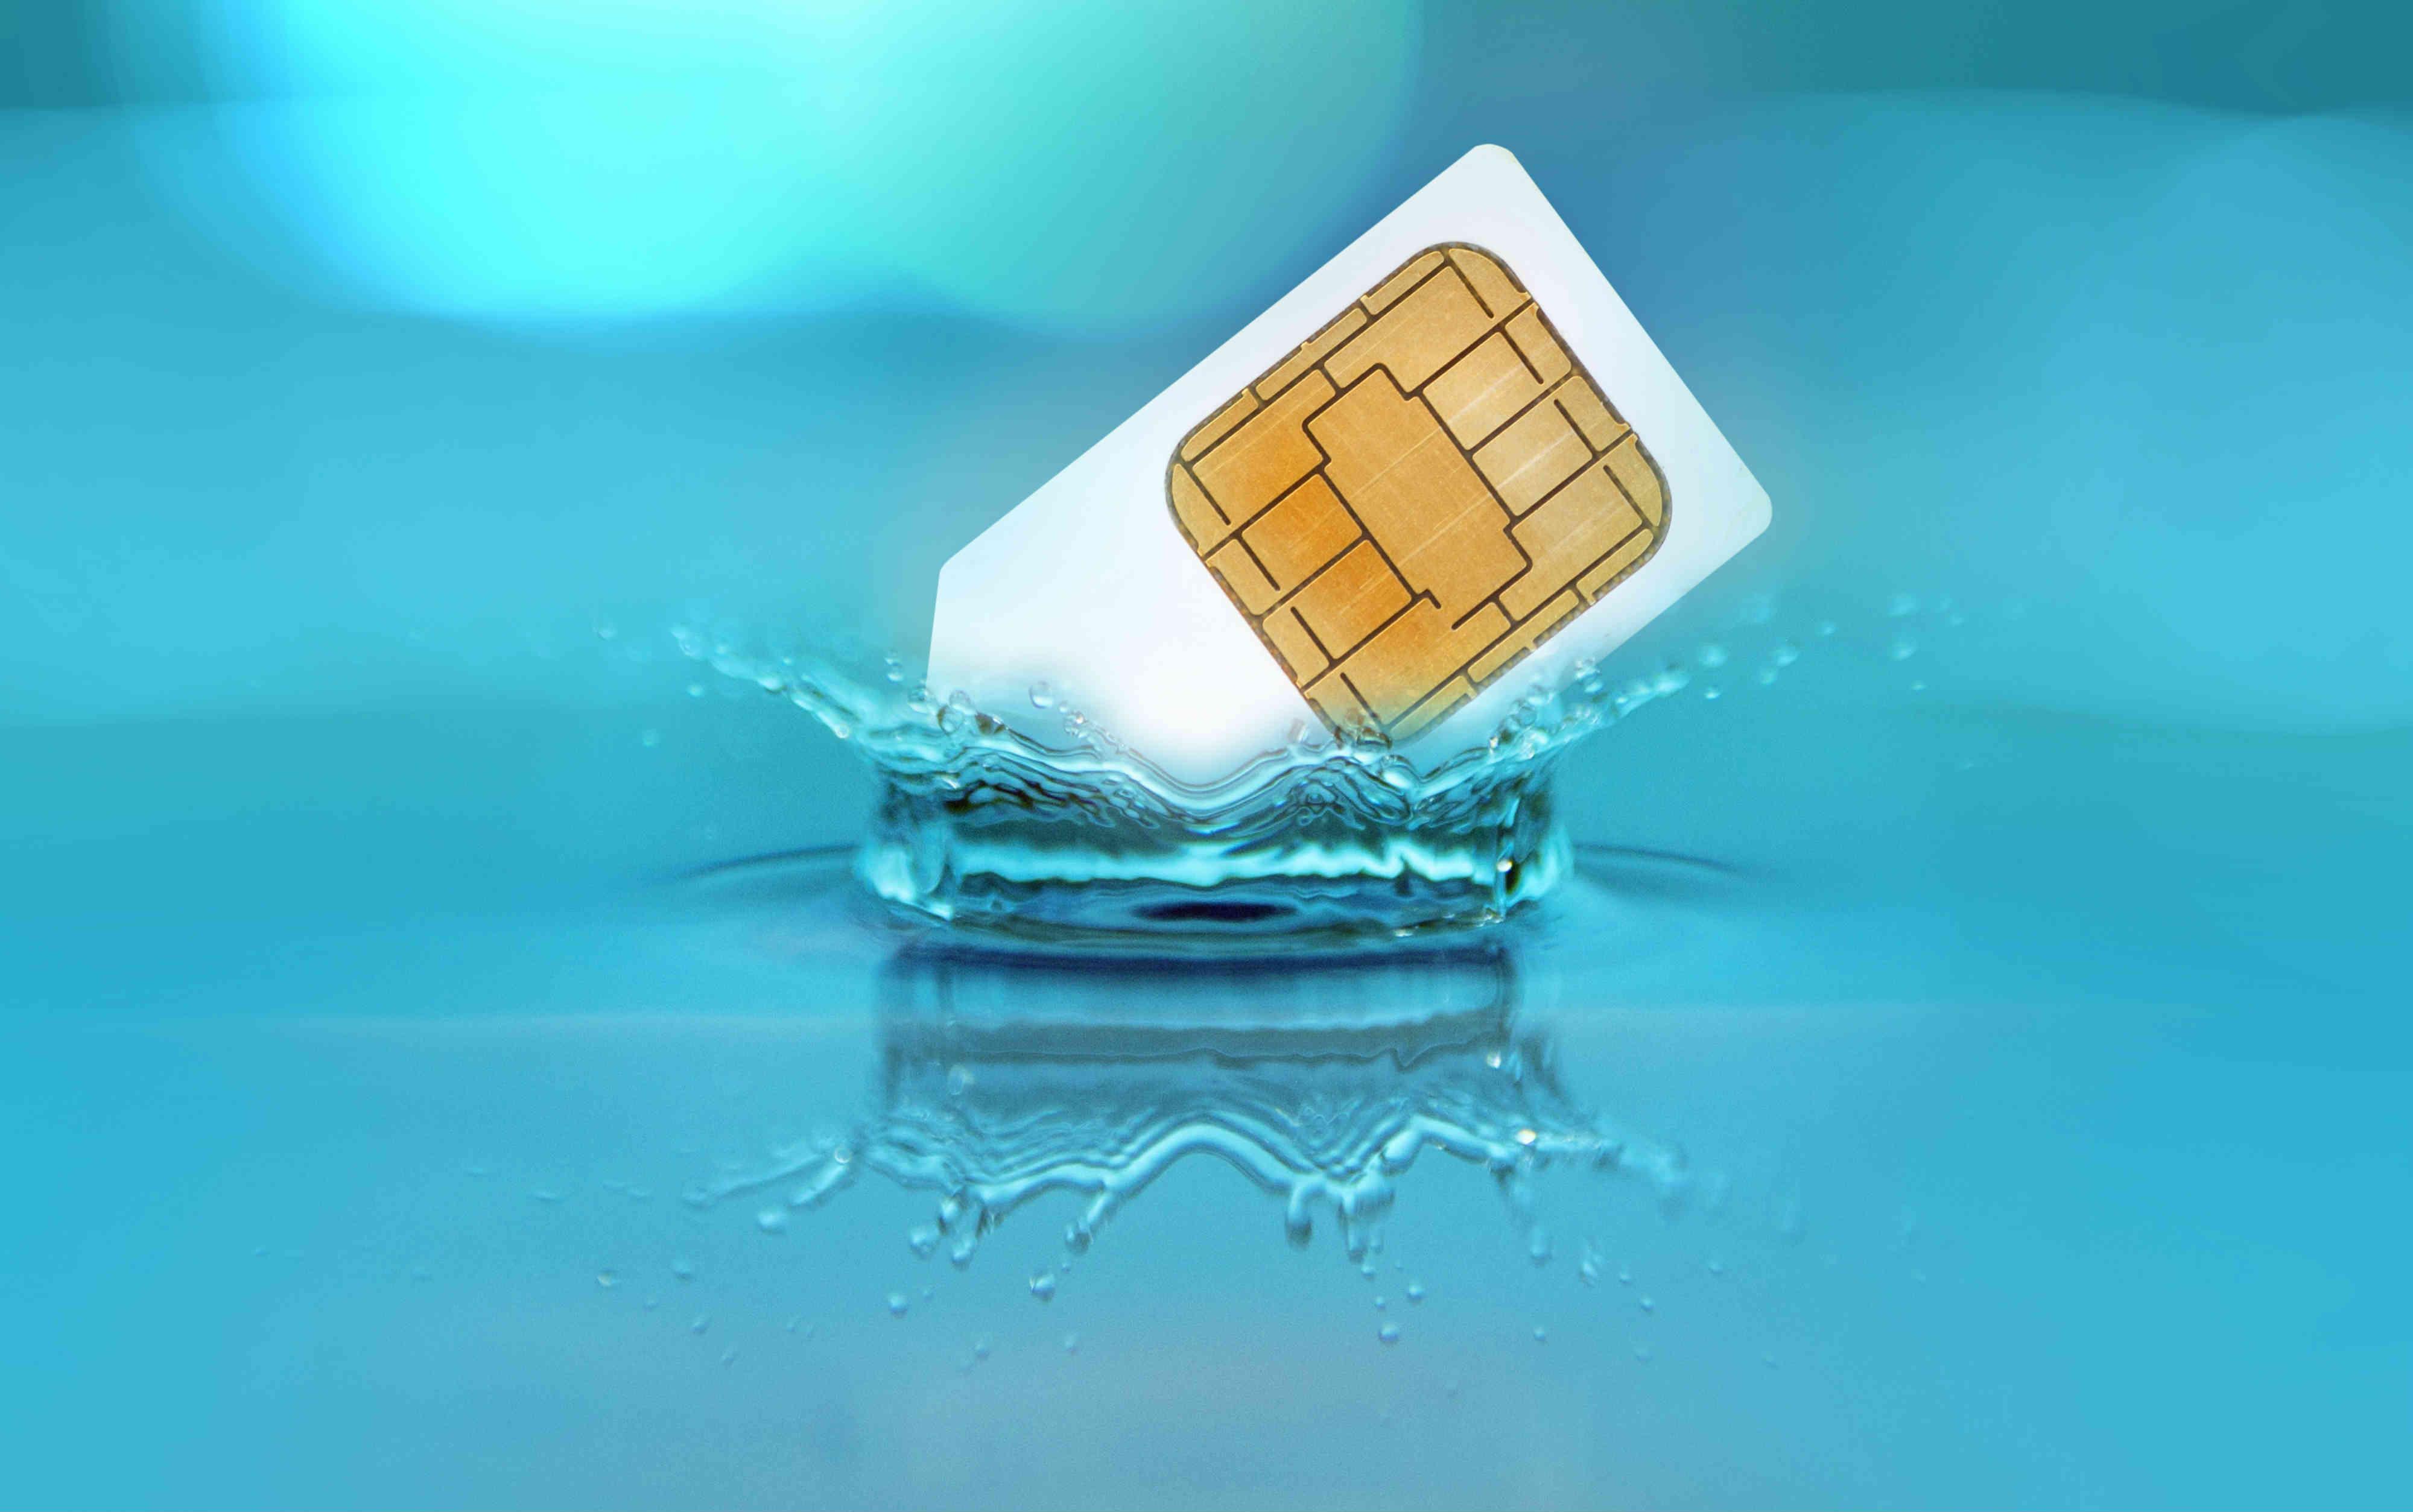 データSIMへのMNPはできるのか?格安SIMの問題点と対処法